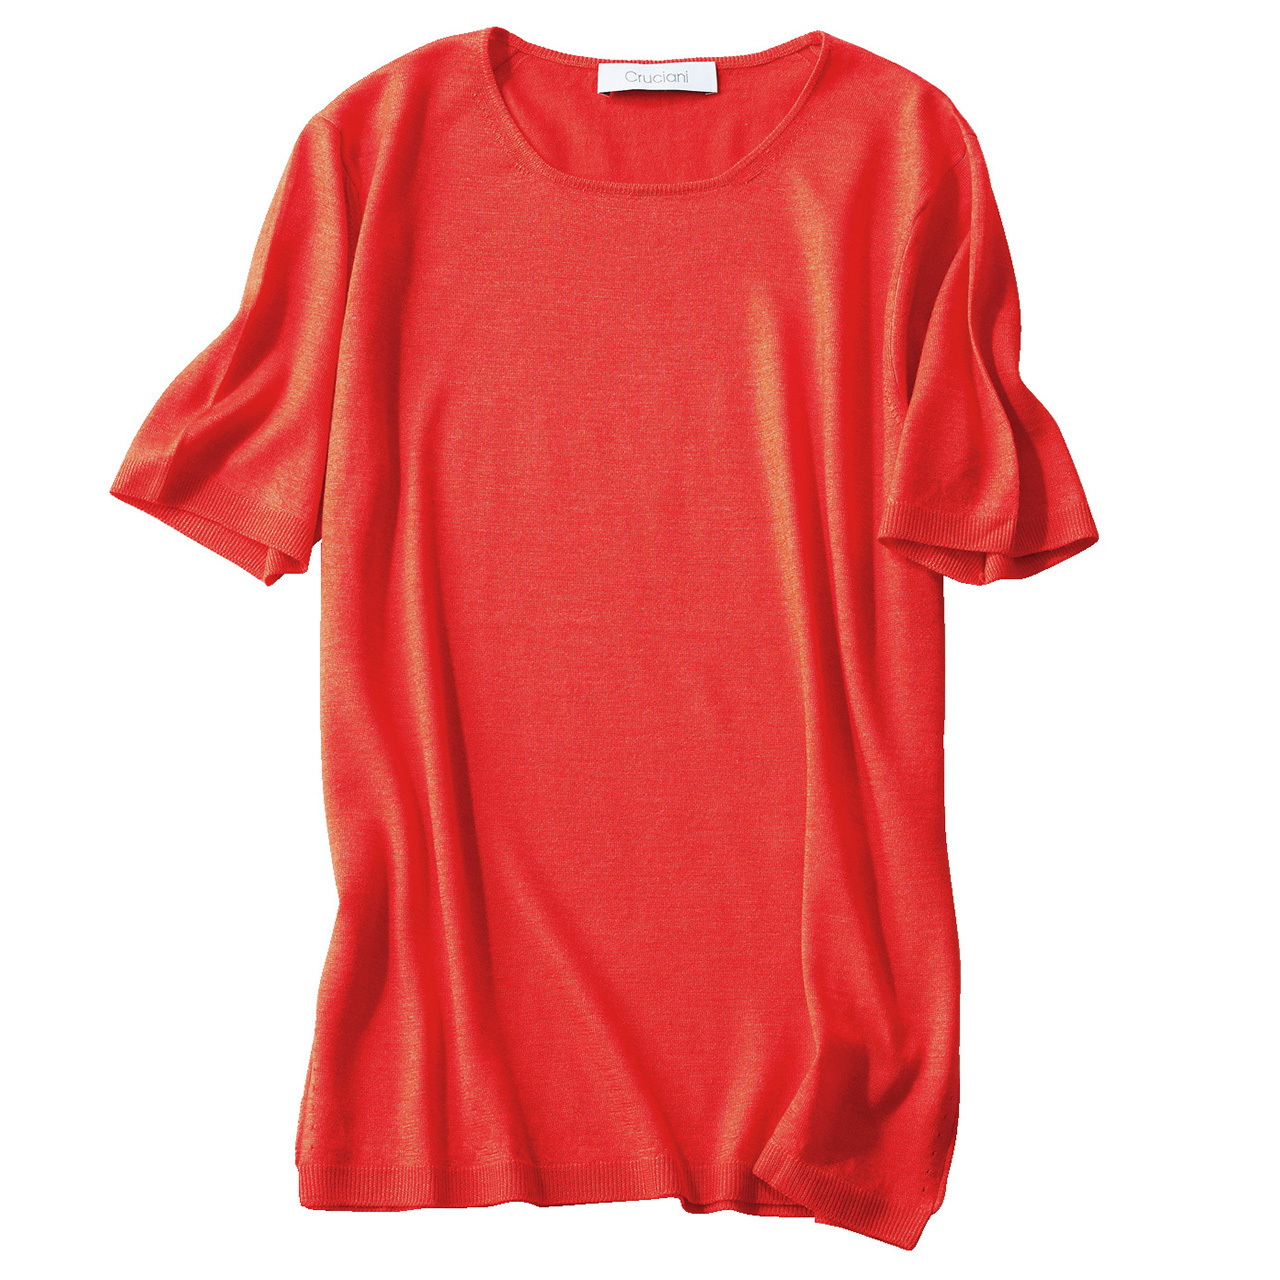 ねらうはワンサイズ上。「サイズ展開」にコンシャスなブランド 五選_1_1-5